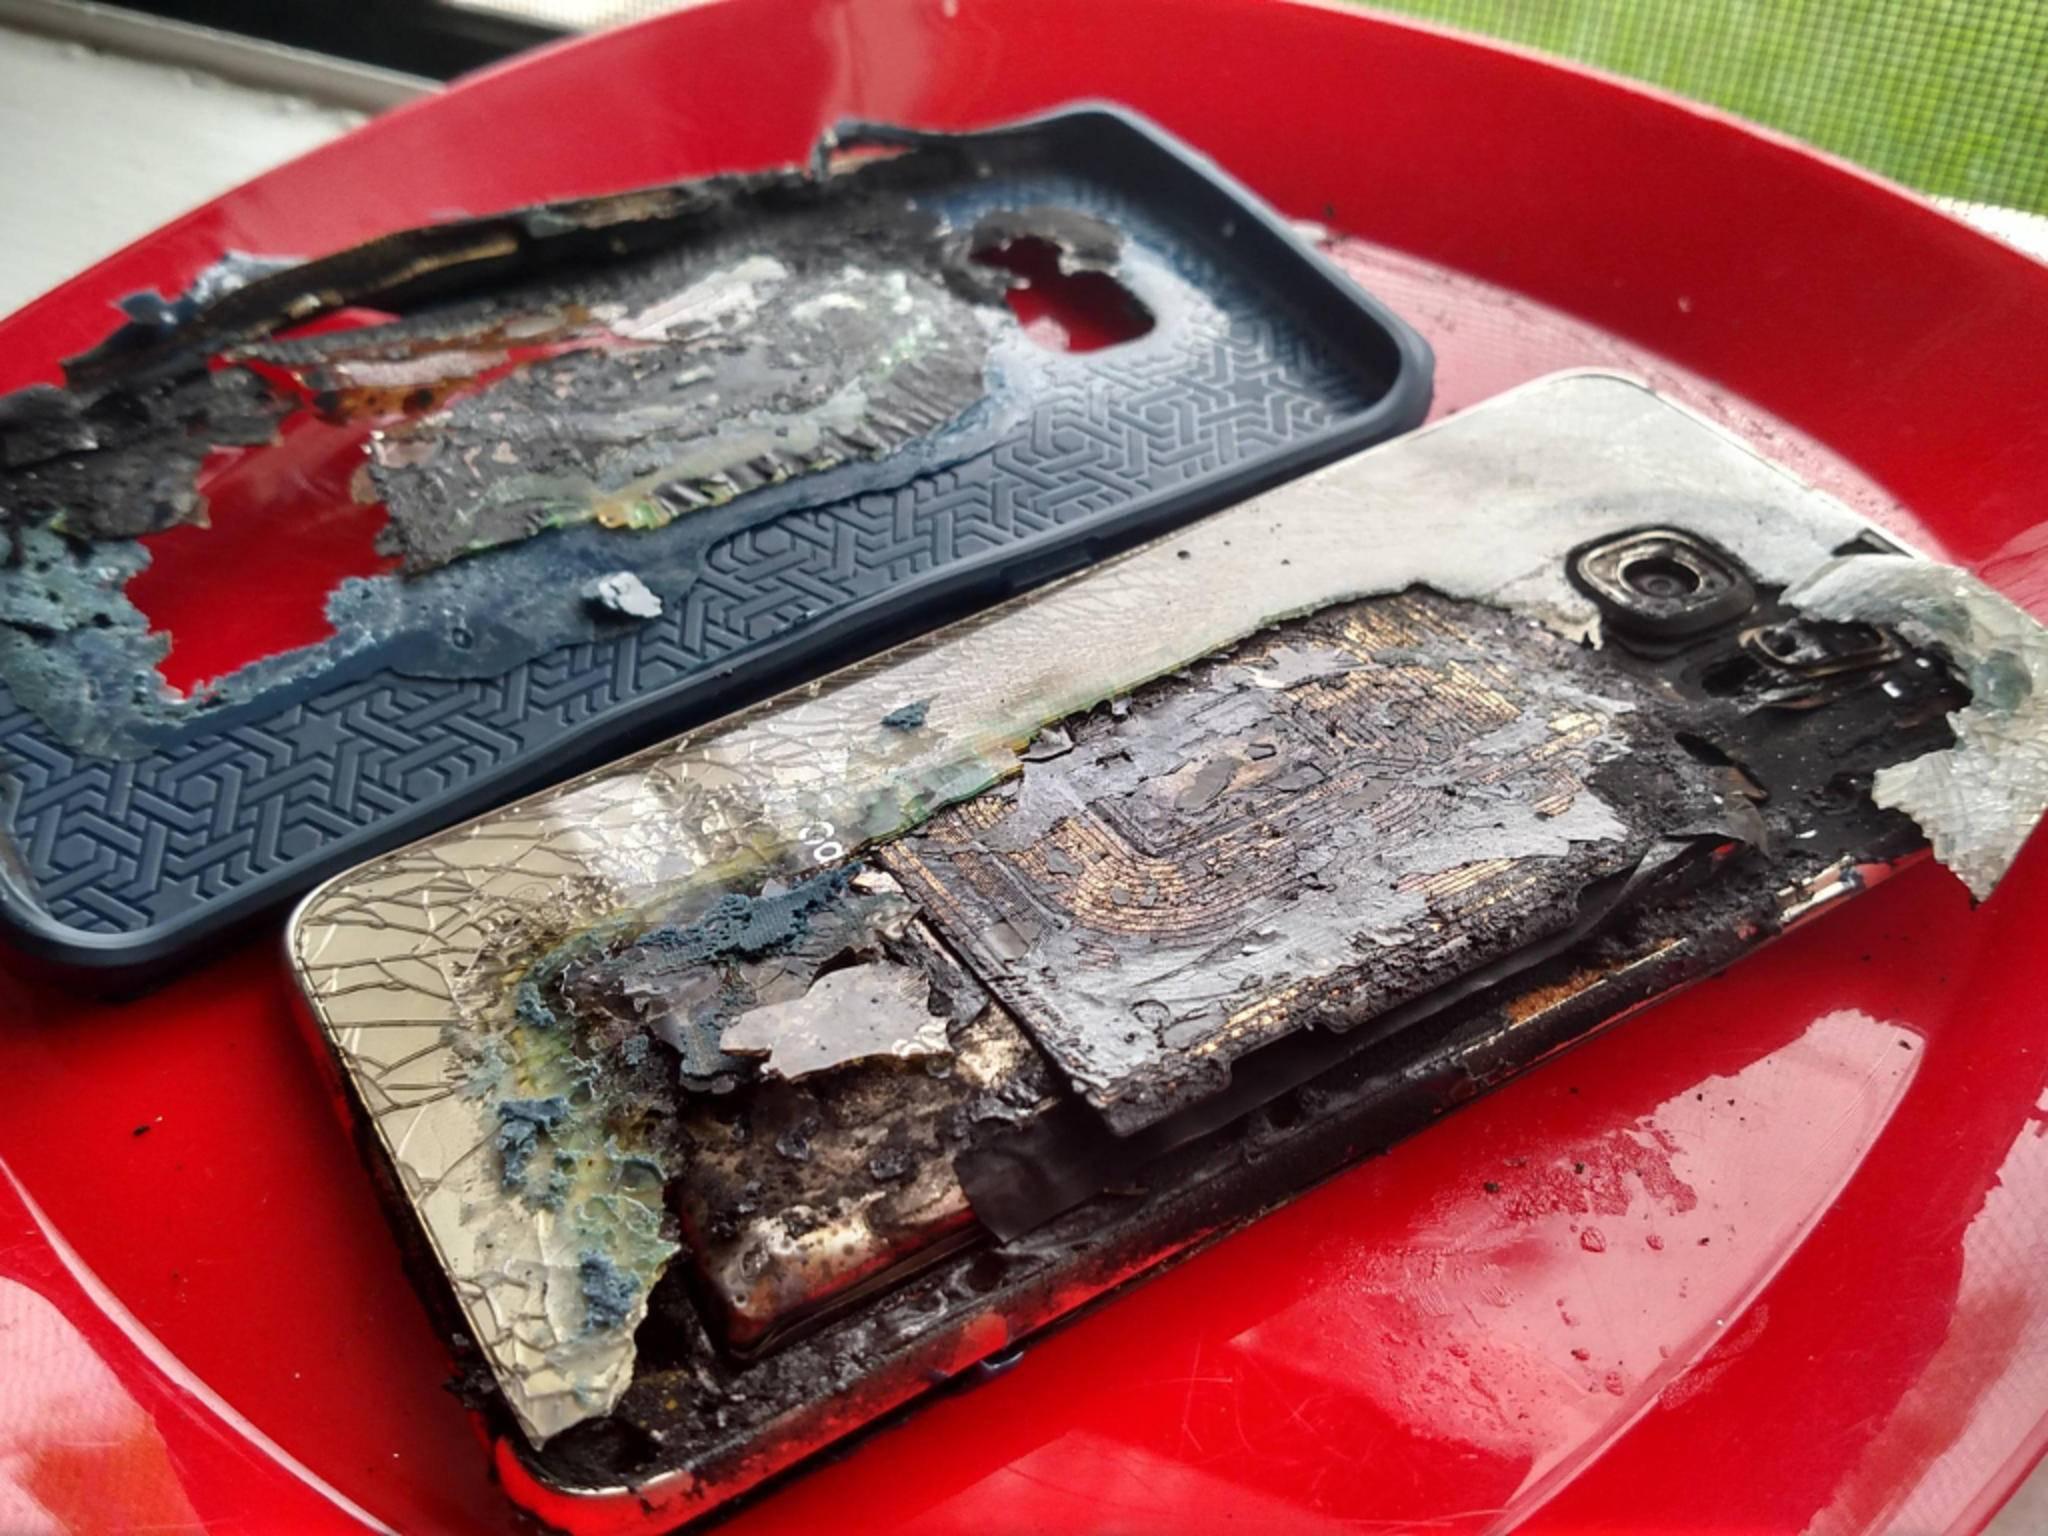 Verbranntes Galaxy S6 Edge Plus